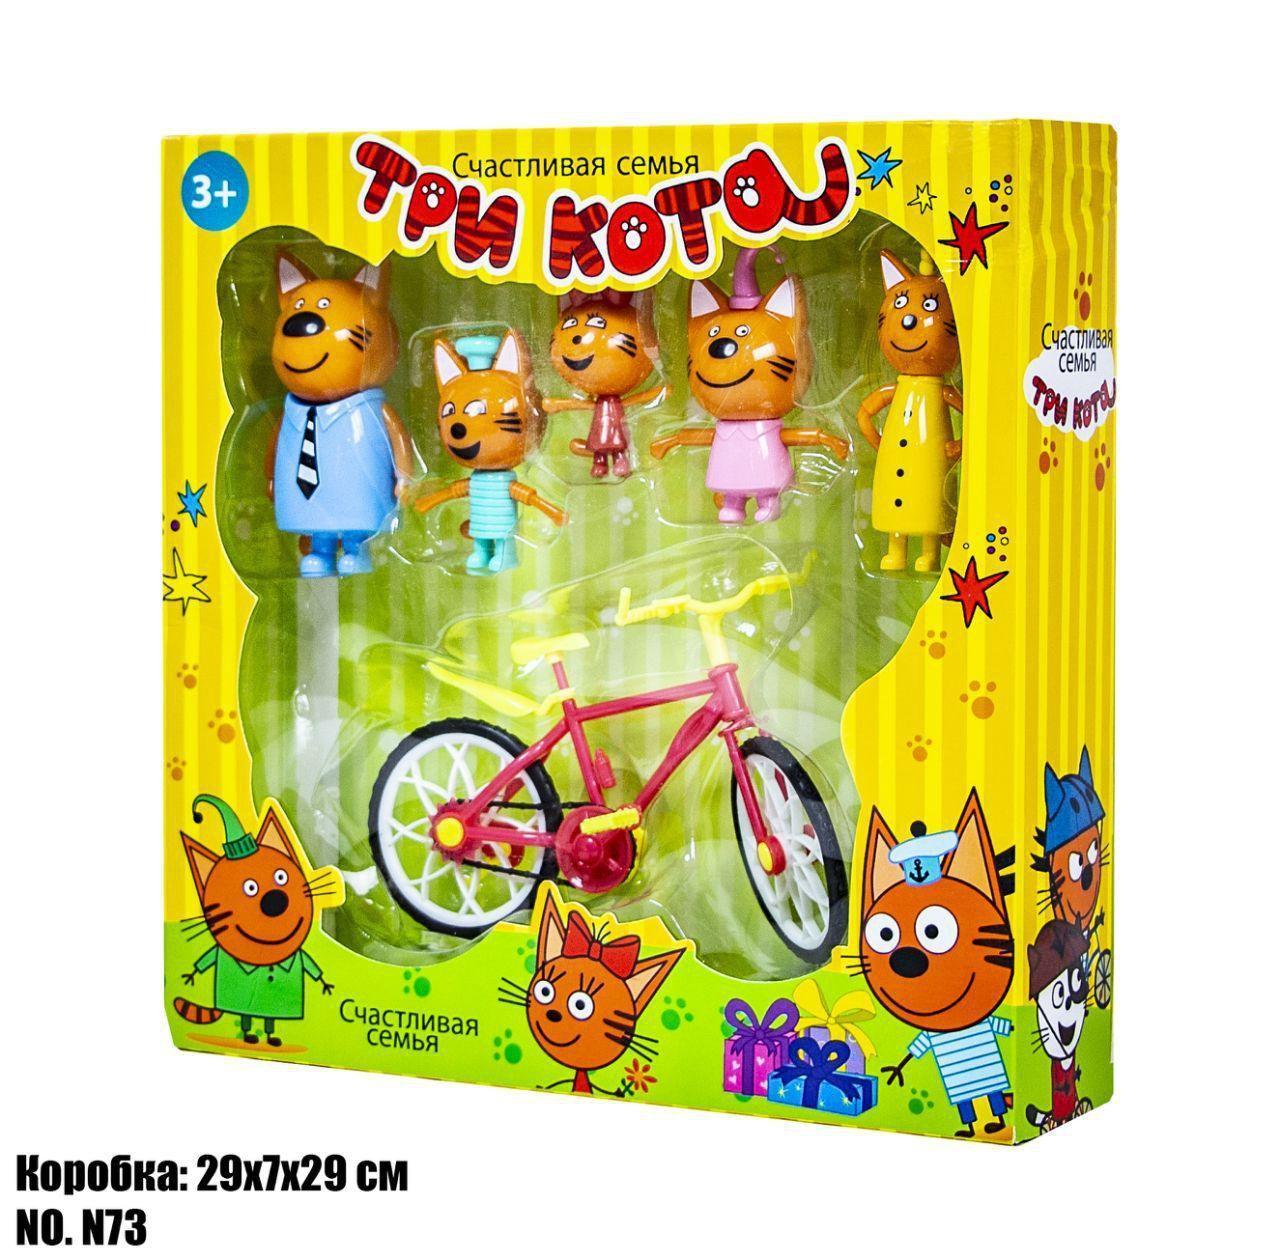 """Набор персонажей мультфильма """"Три кота"""" с велосипедом из серии Счастливая семья scn"""